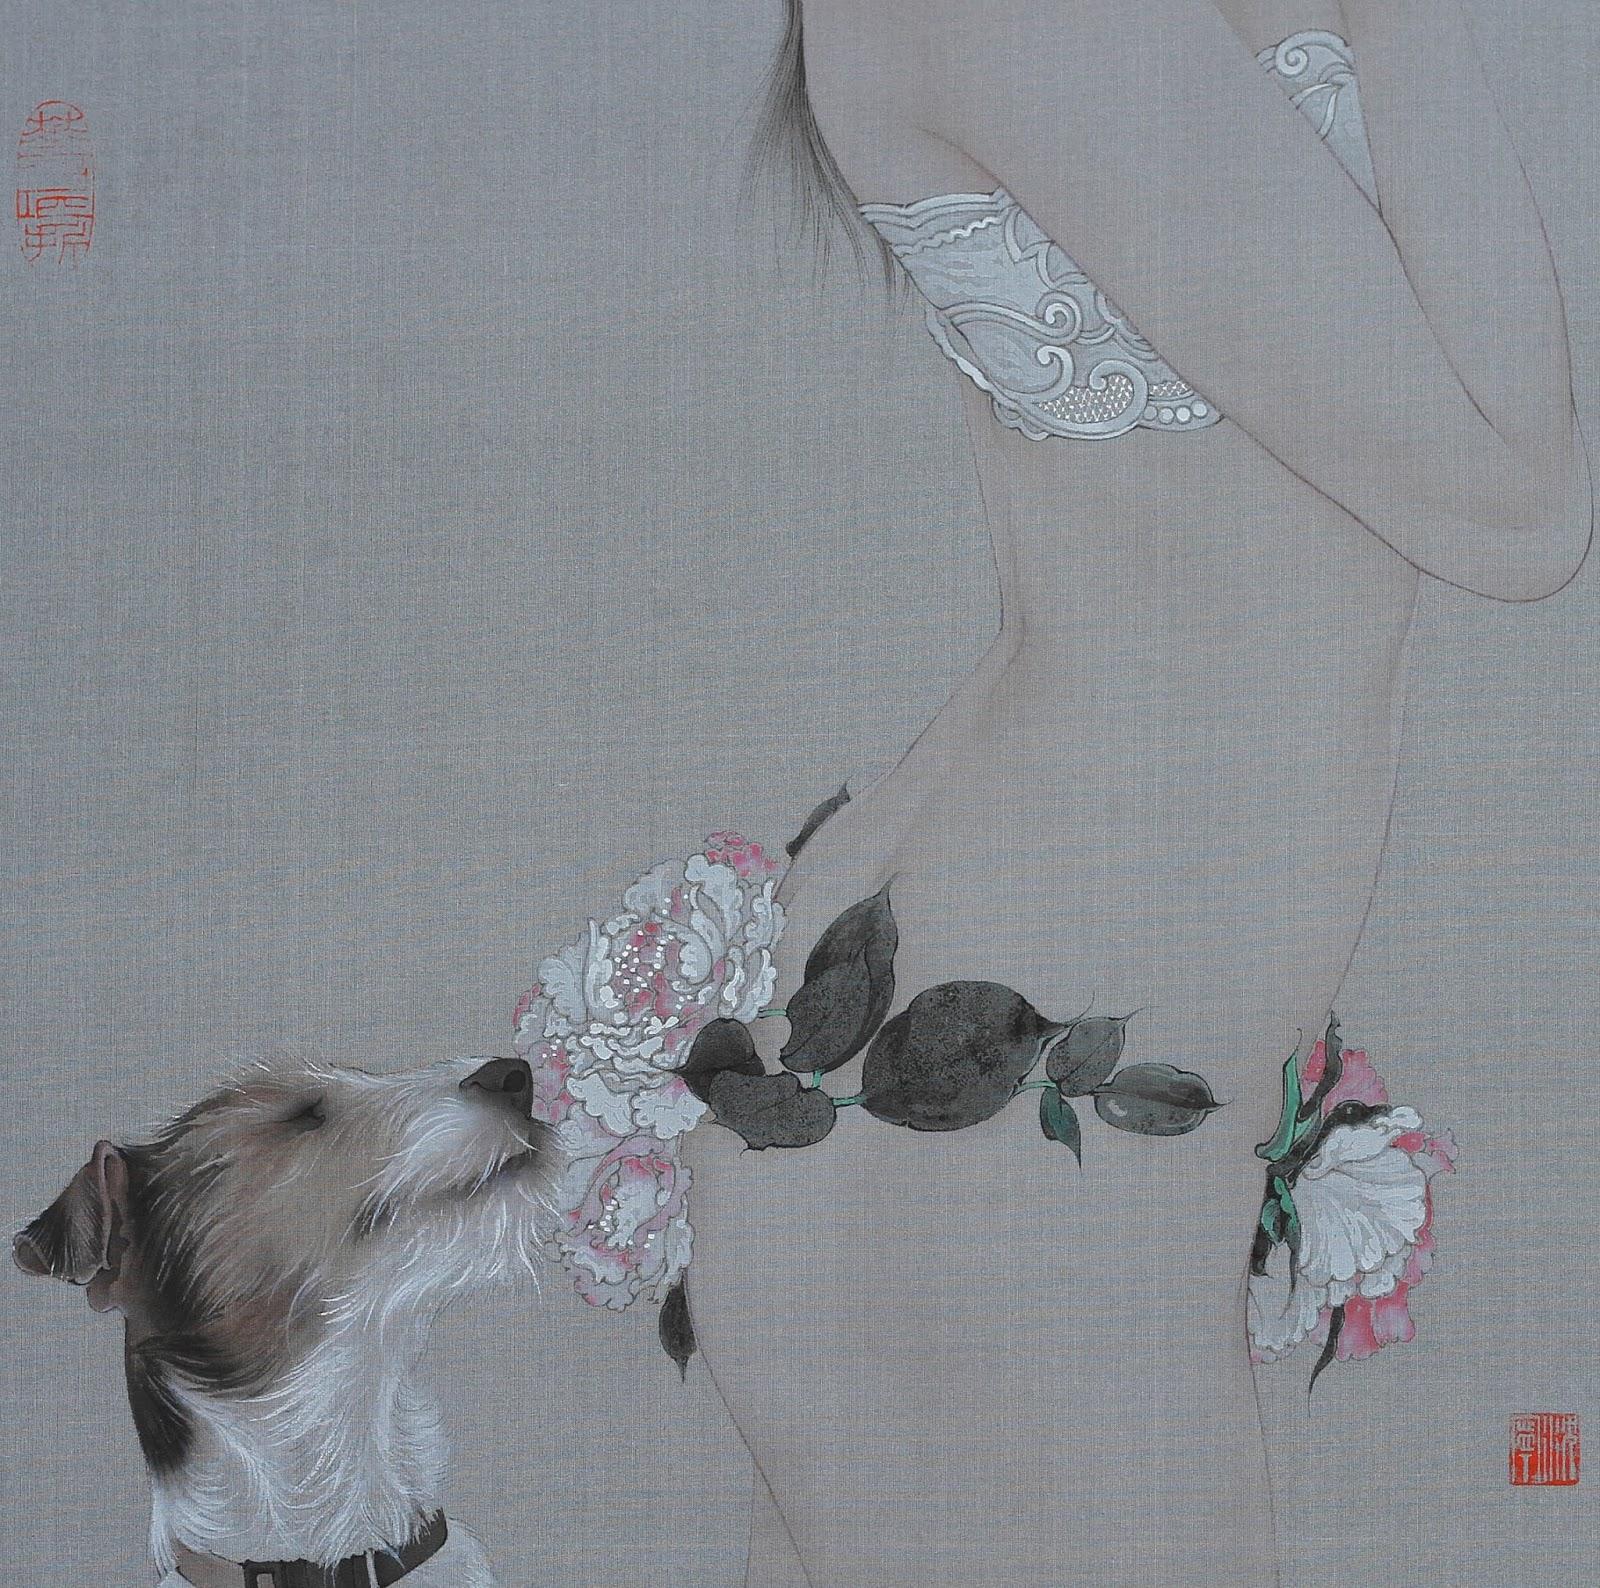 Китайский художник Шэнь Нин (沈宁) Современная, стали, Получается, произведения, эклектичные, создавать, мотивы, вносить, переосмысливать, искусства, китайская, европейского, выпавшее, реализма, знамя, подхватили, Китайцы, Художник, живопись, забавно